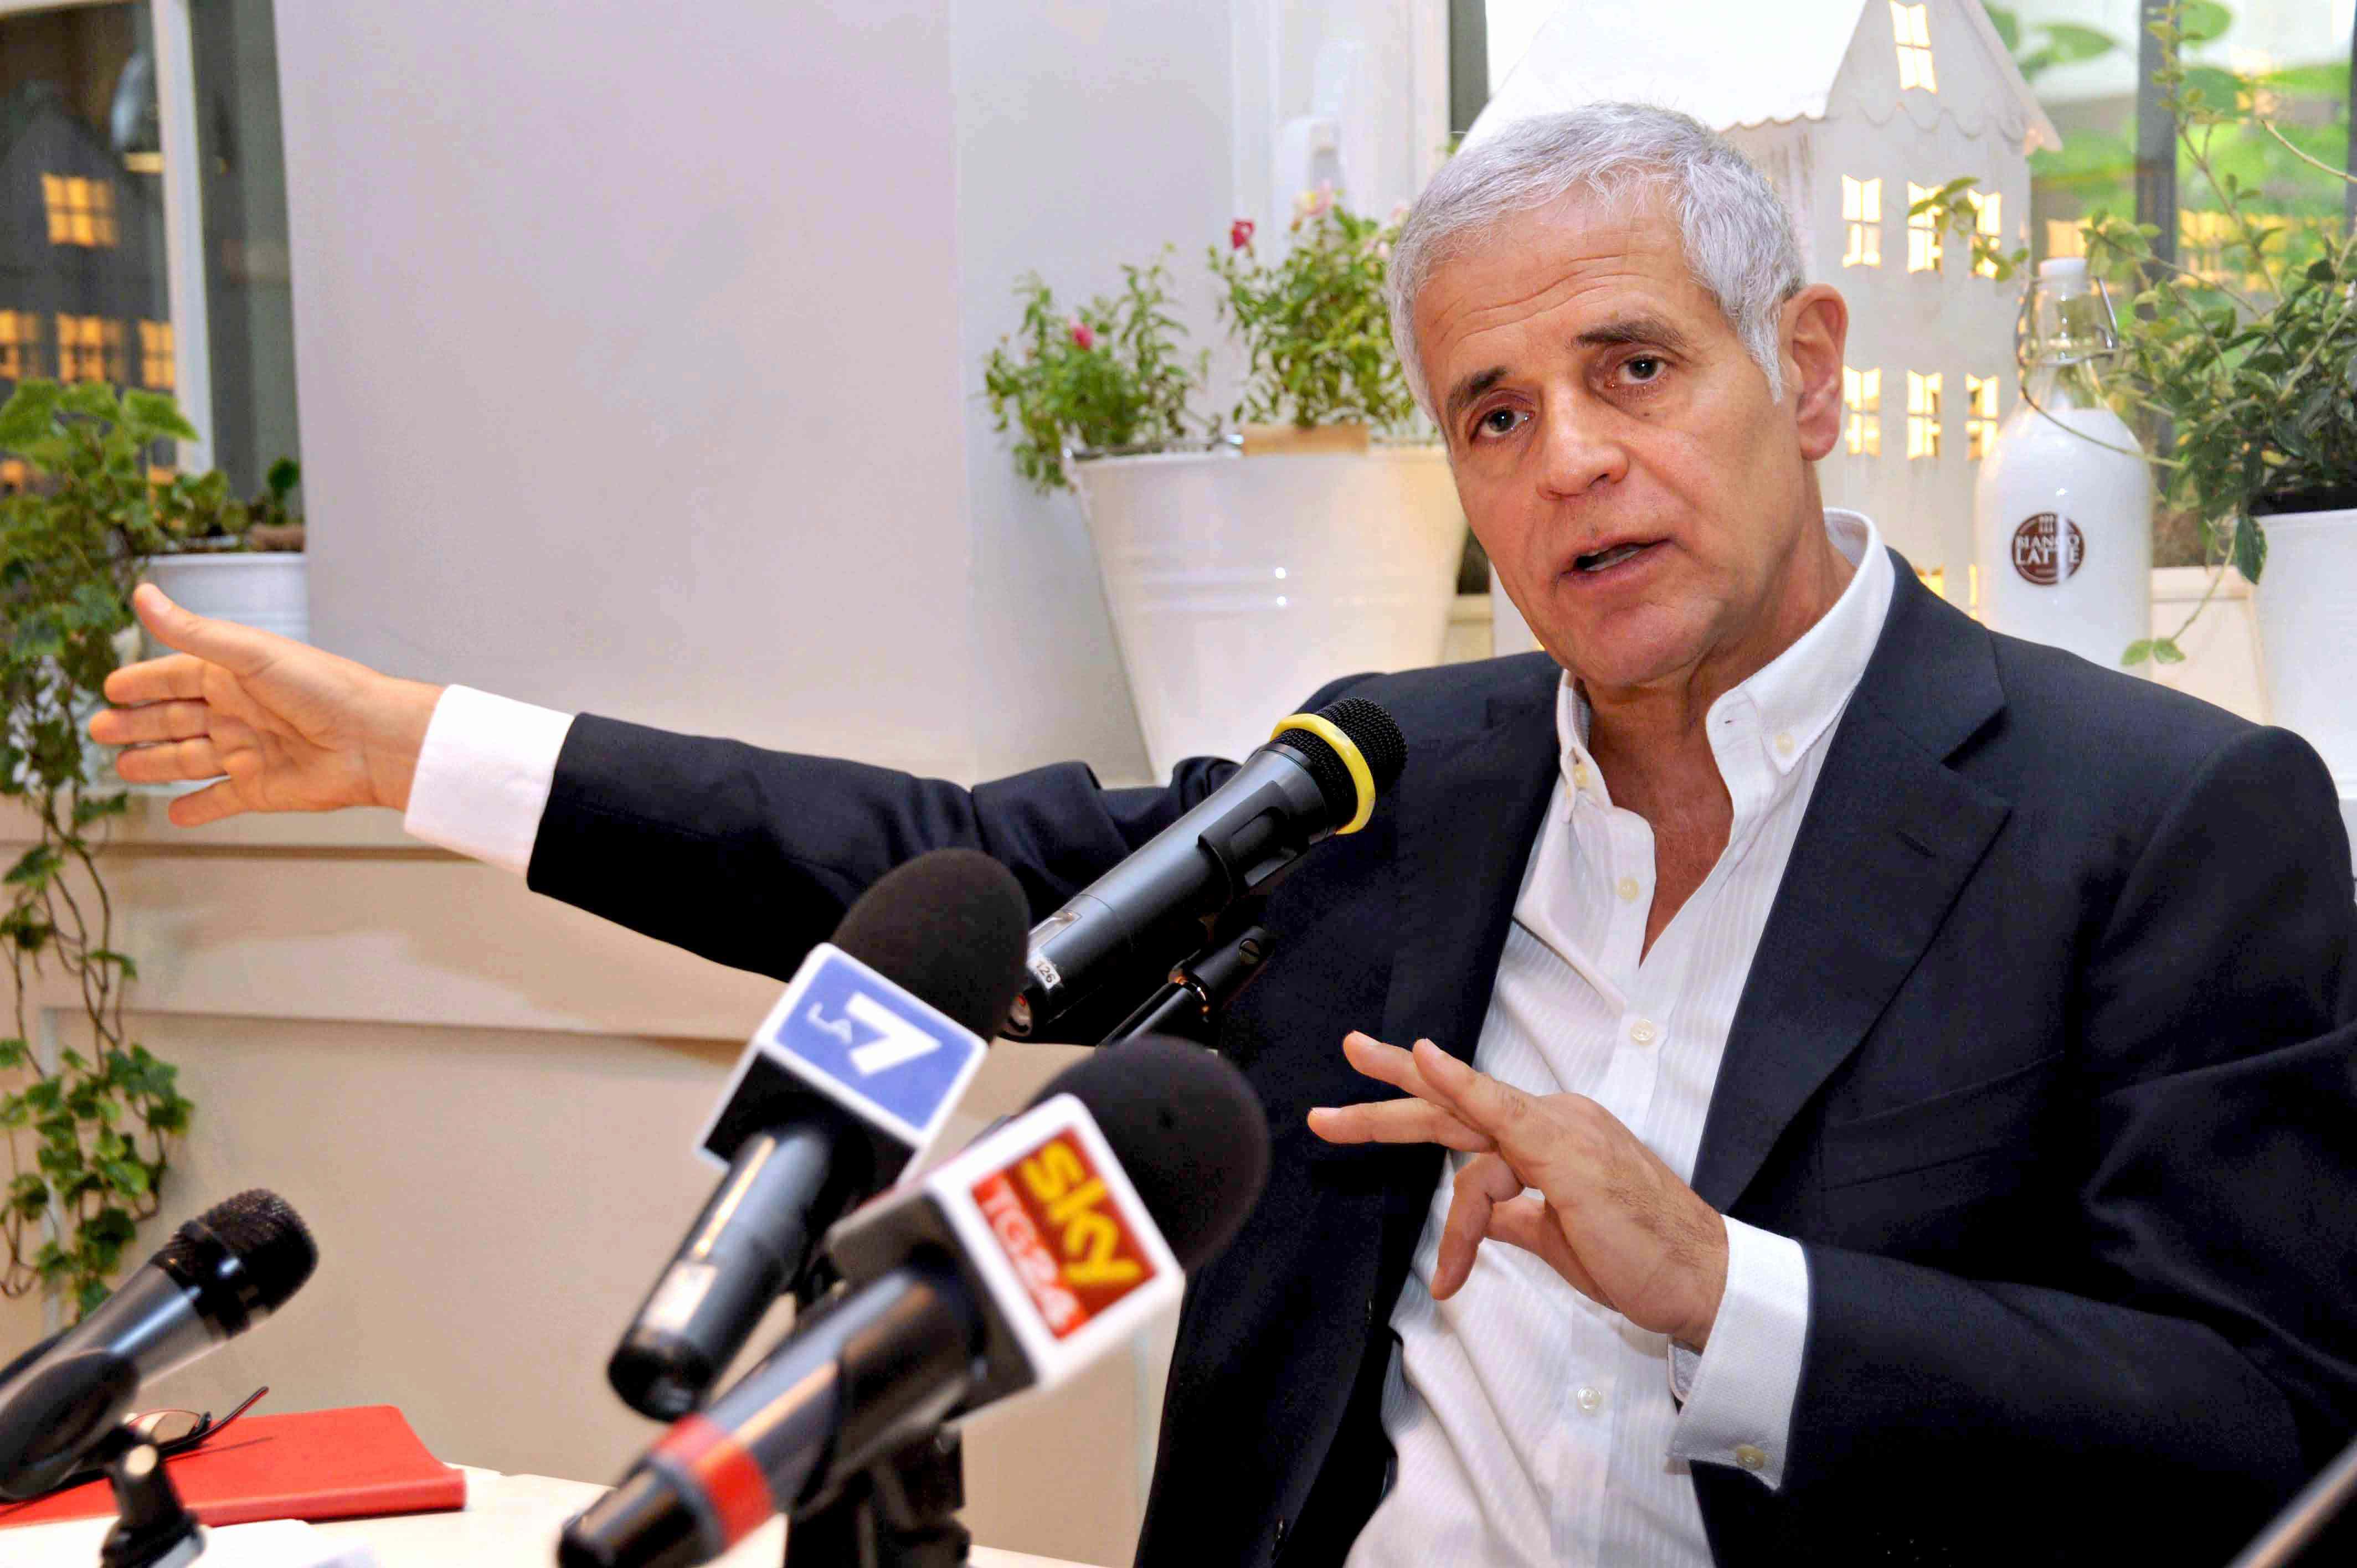 Vacanze ai Caraibi e soldi ai partiti, indagato Fomigoni. L'accusa: corruzione aggravata